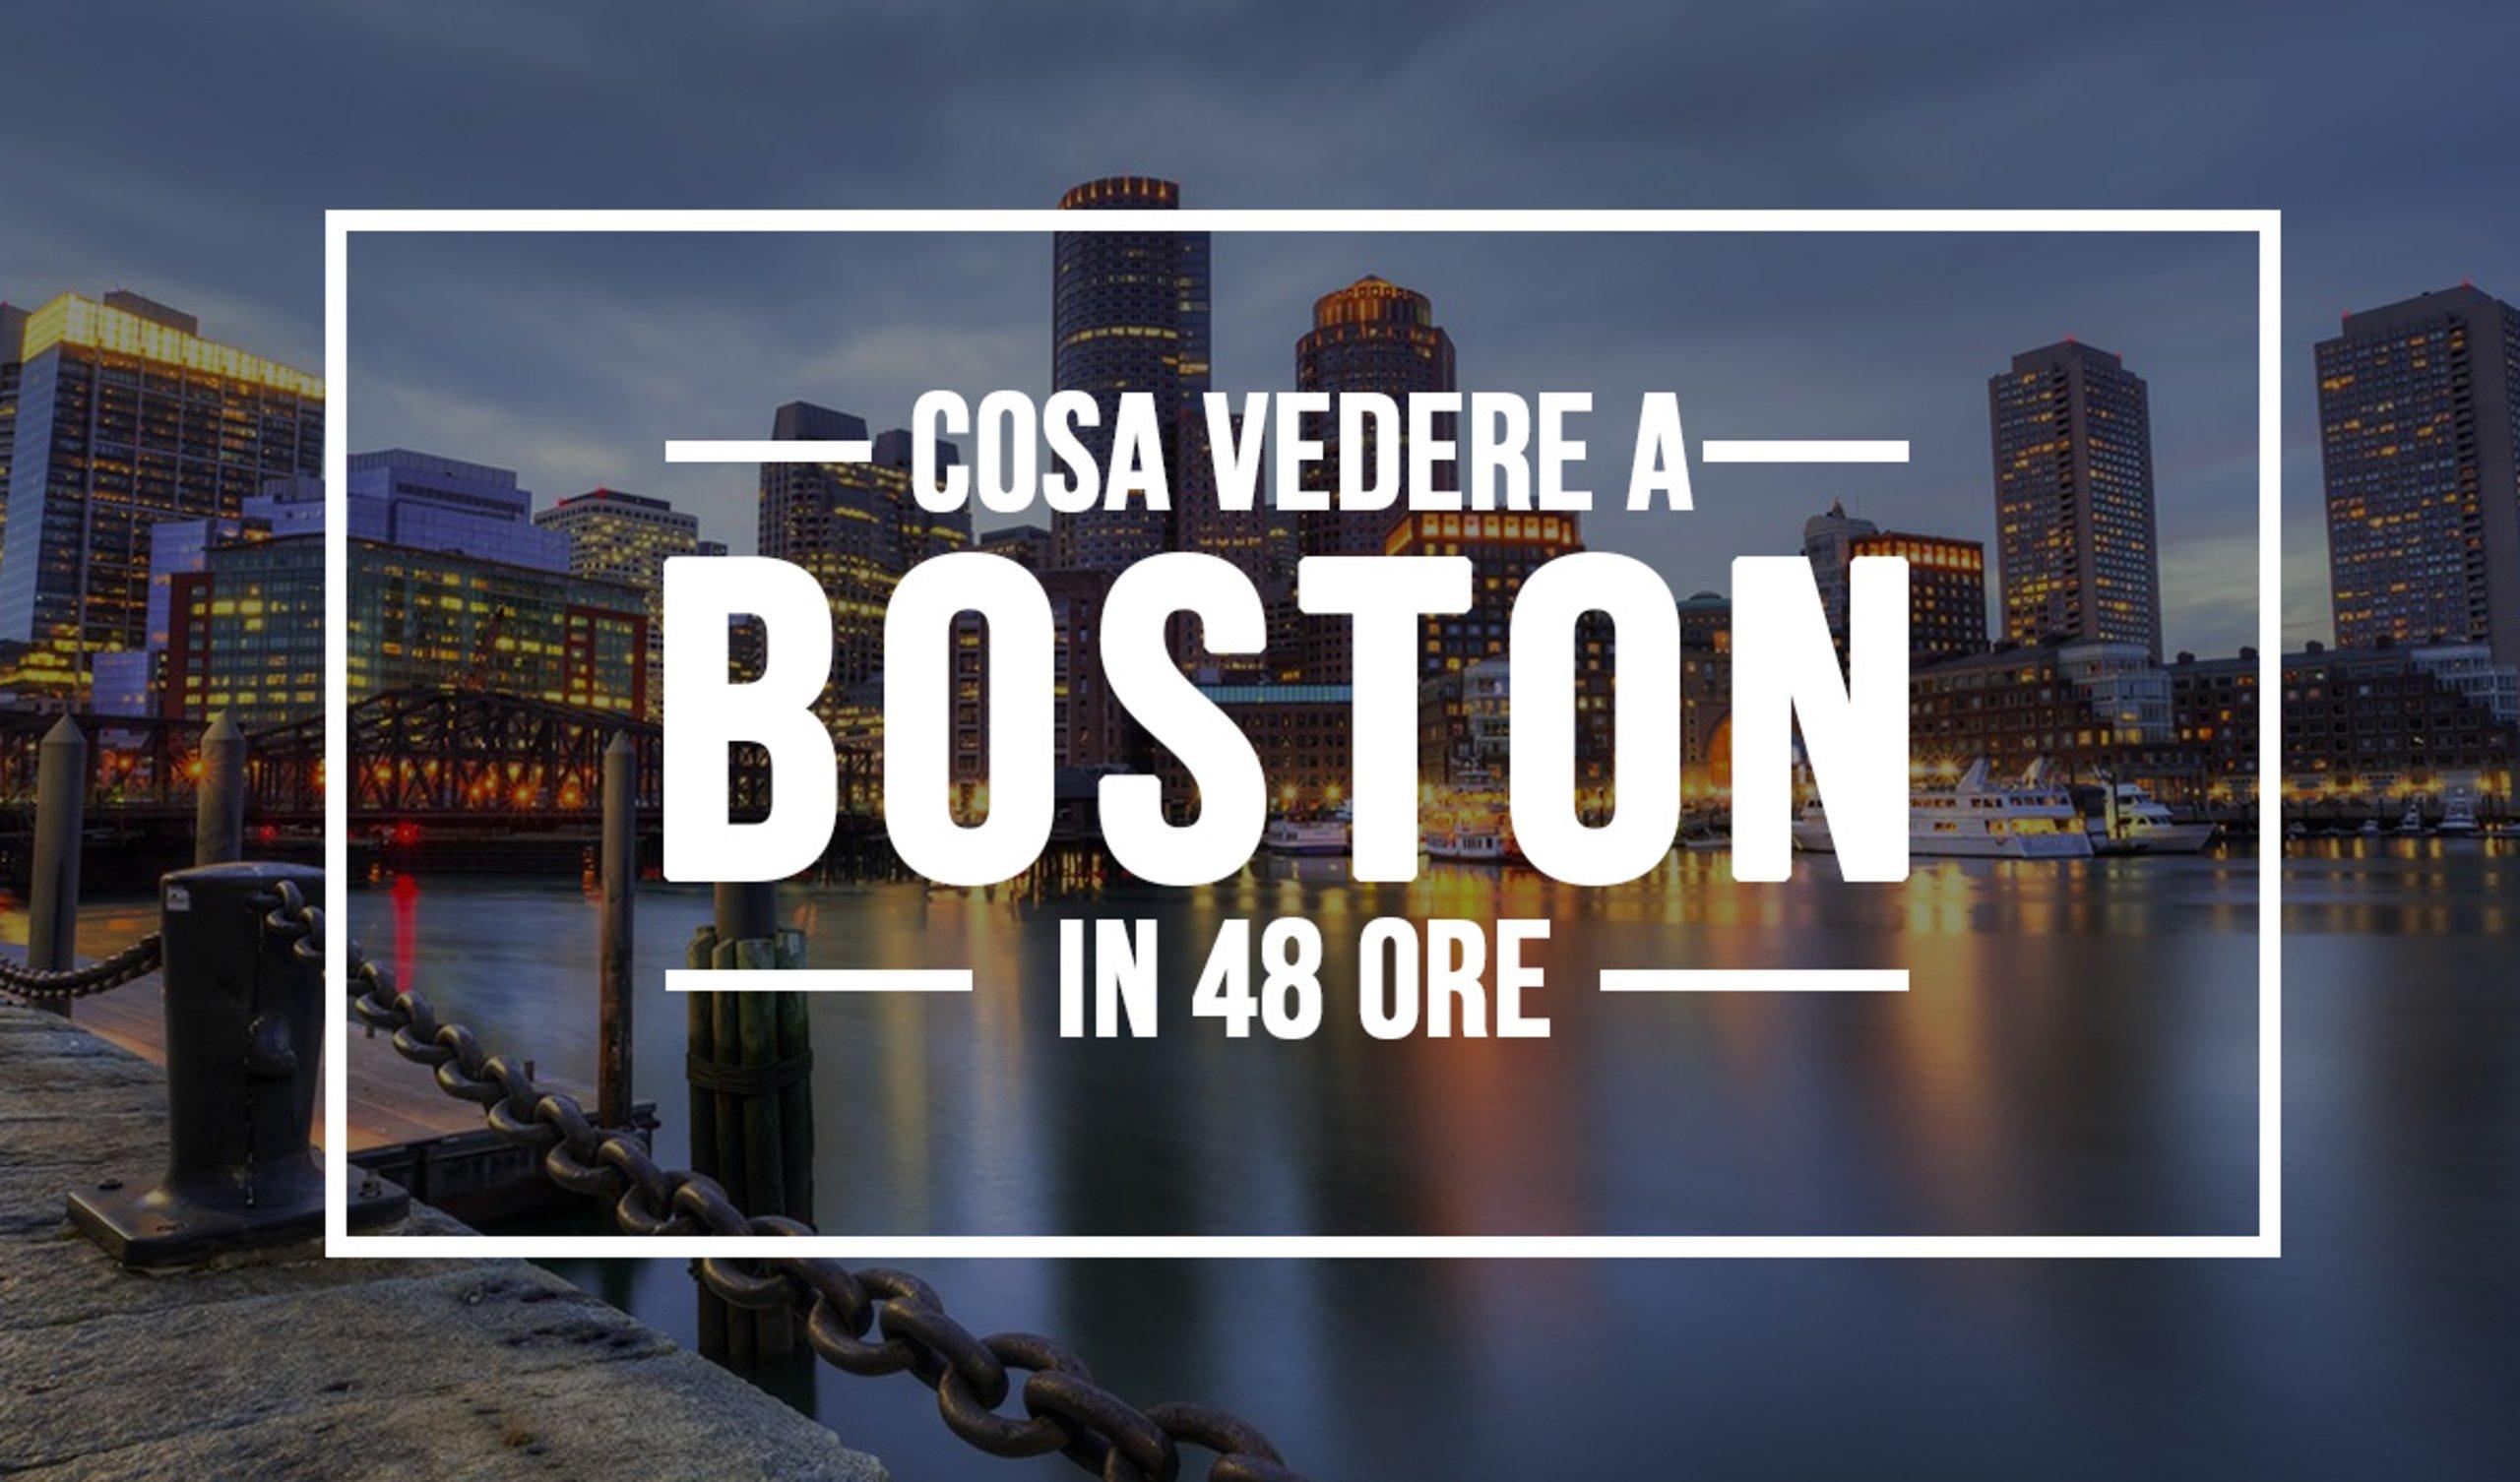 Incontri Servizi Boston area sesso incontri Apps India